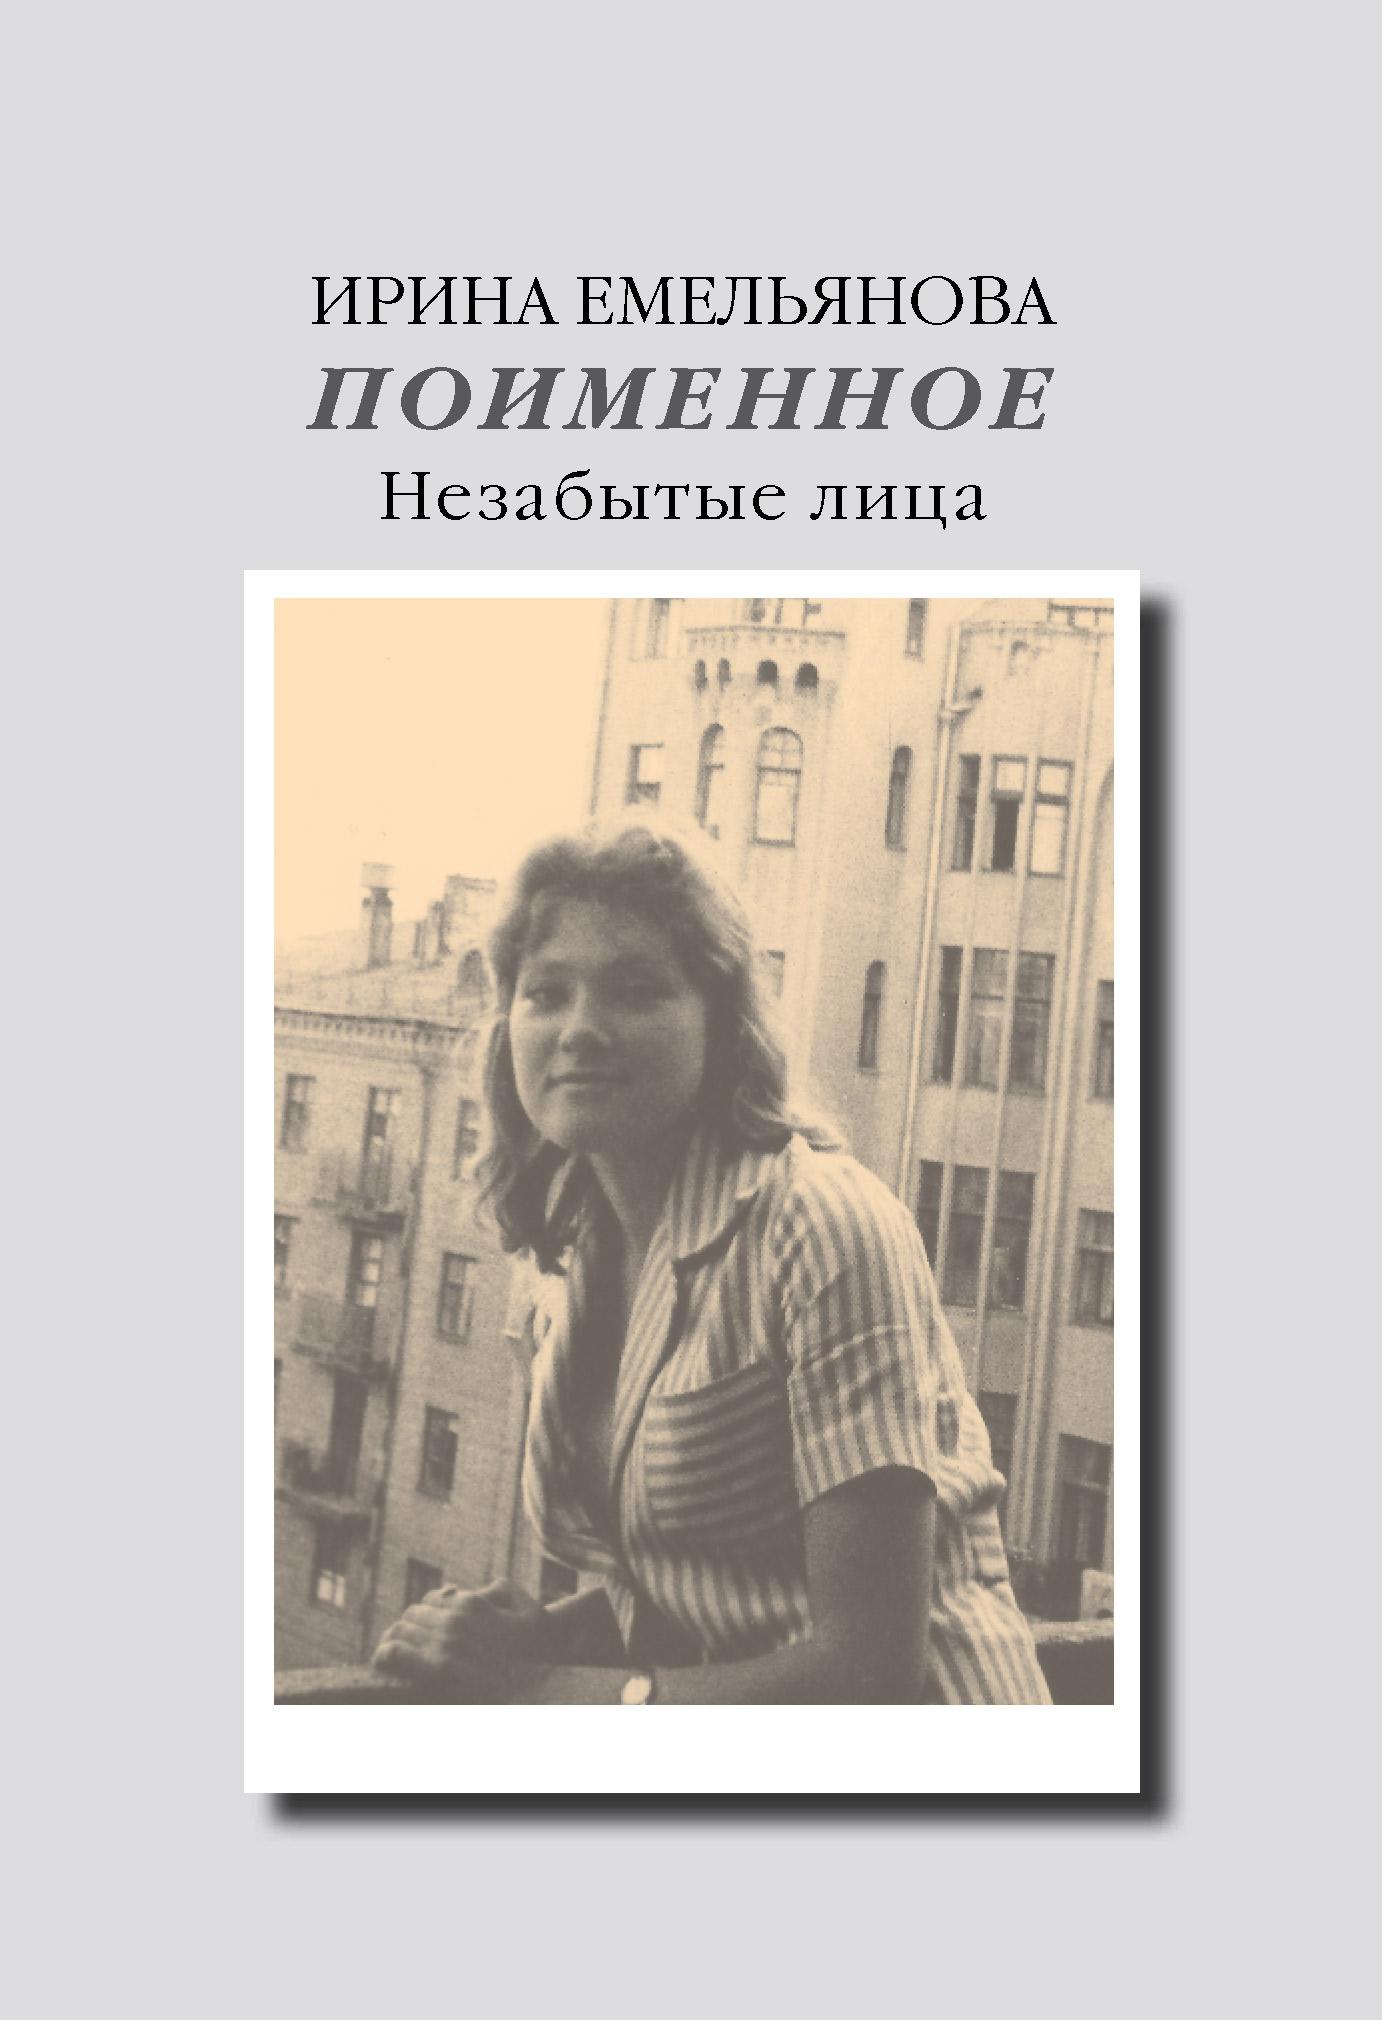 Ирина Емельянова Поименное. Незабытые лица (сборник) фелинк елена в путь по следу